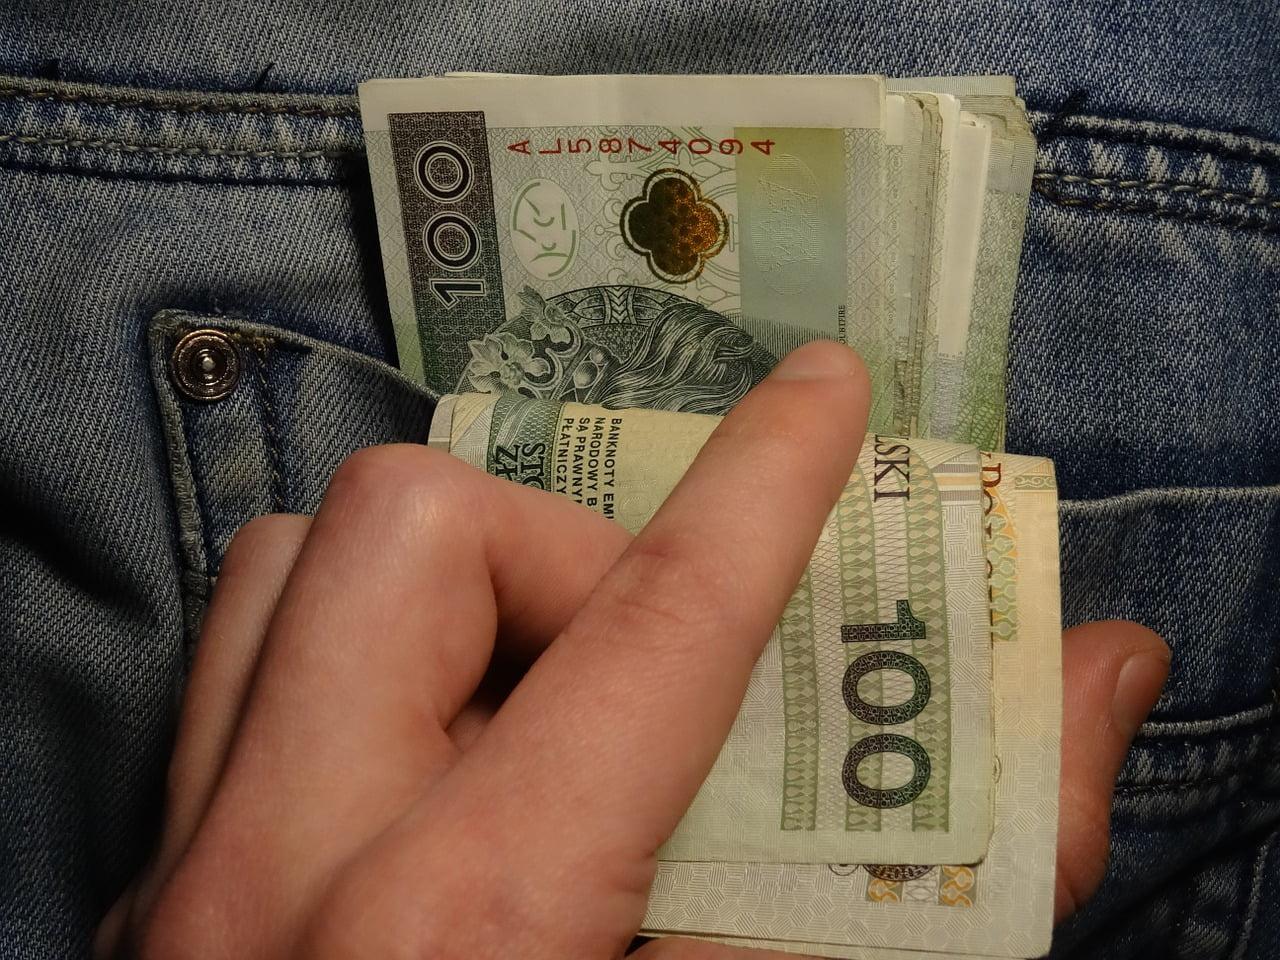 Wprowadzenie w błąd banku w celu uzyskania kredytu